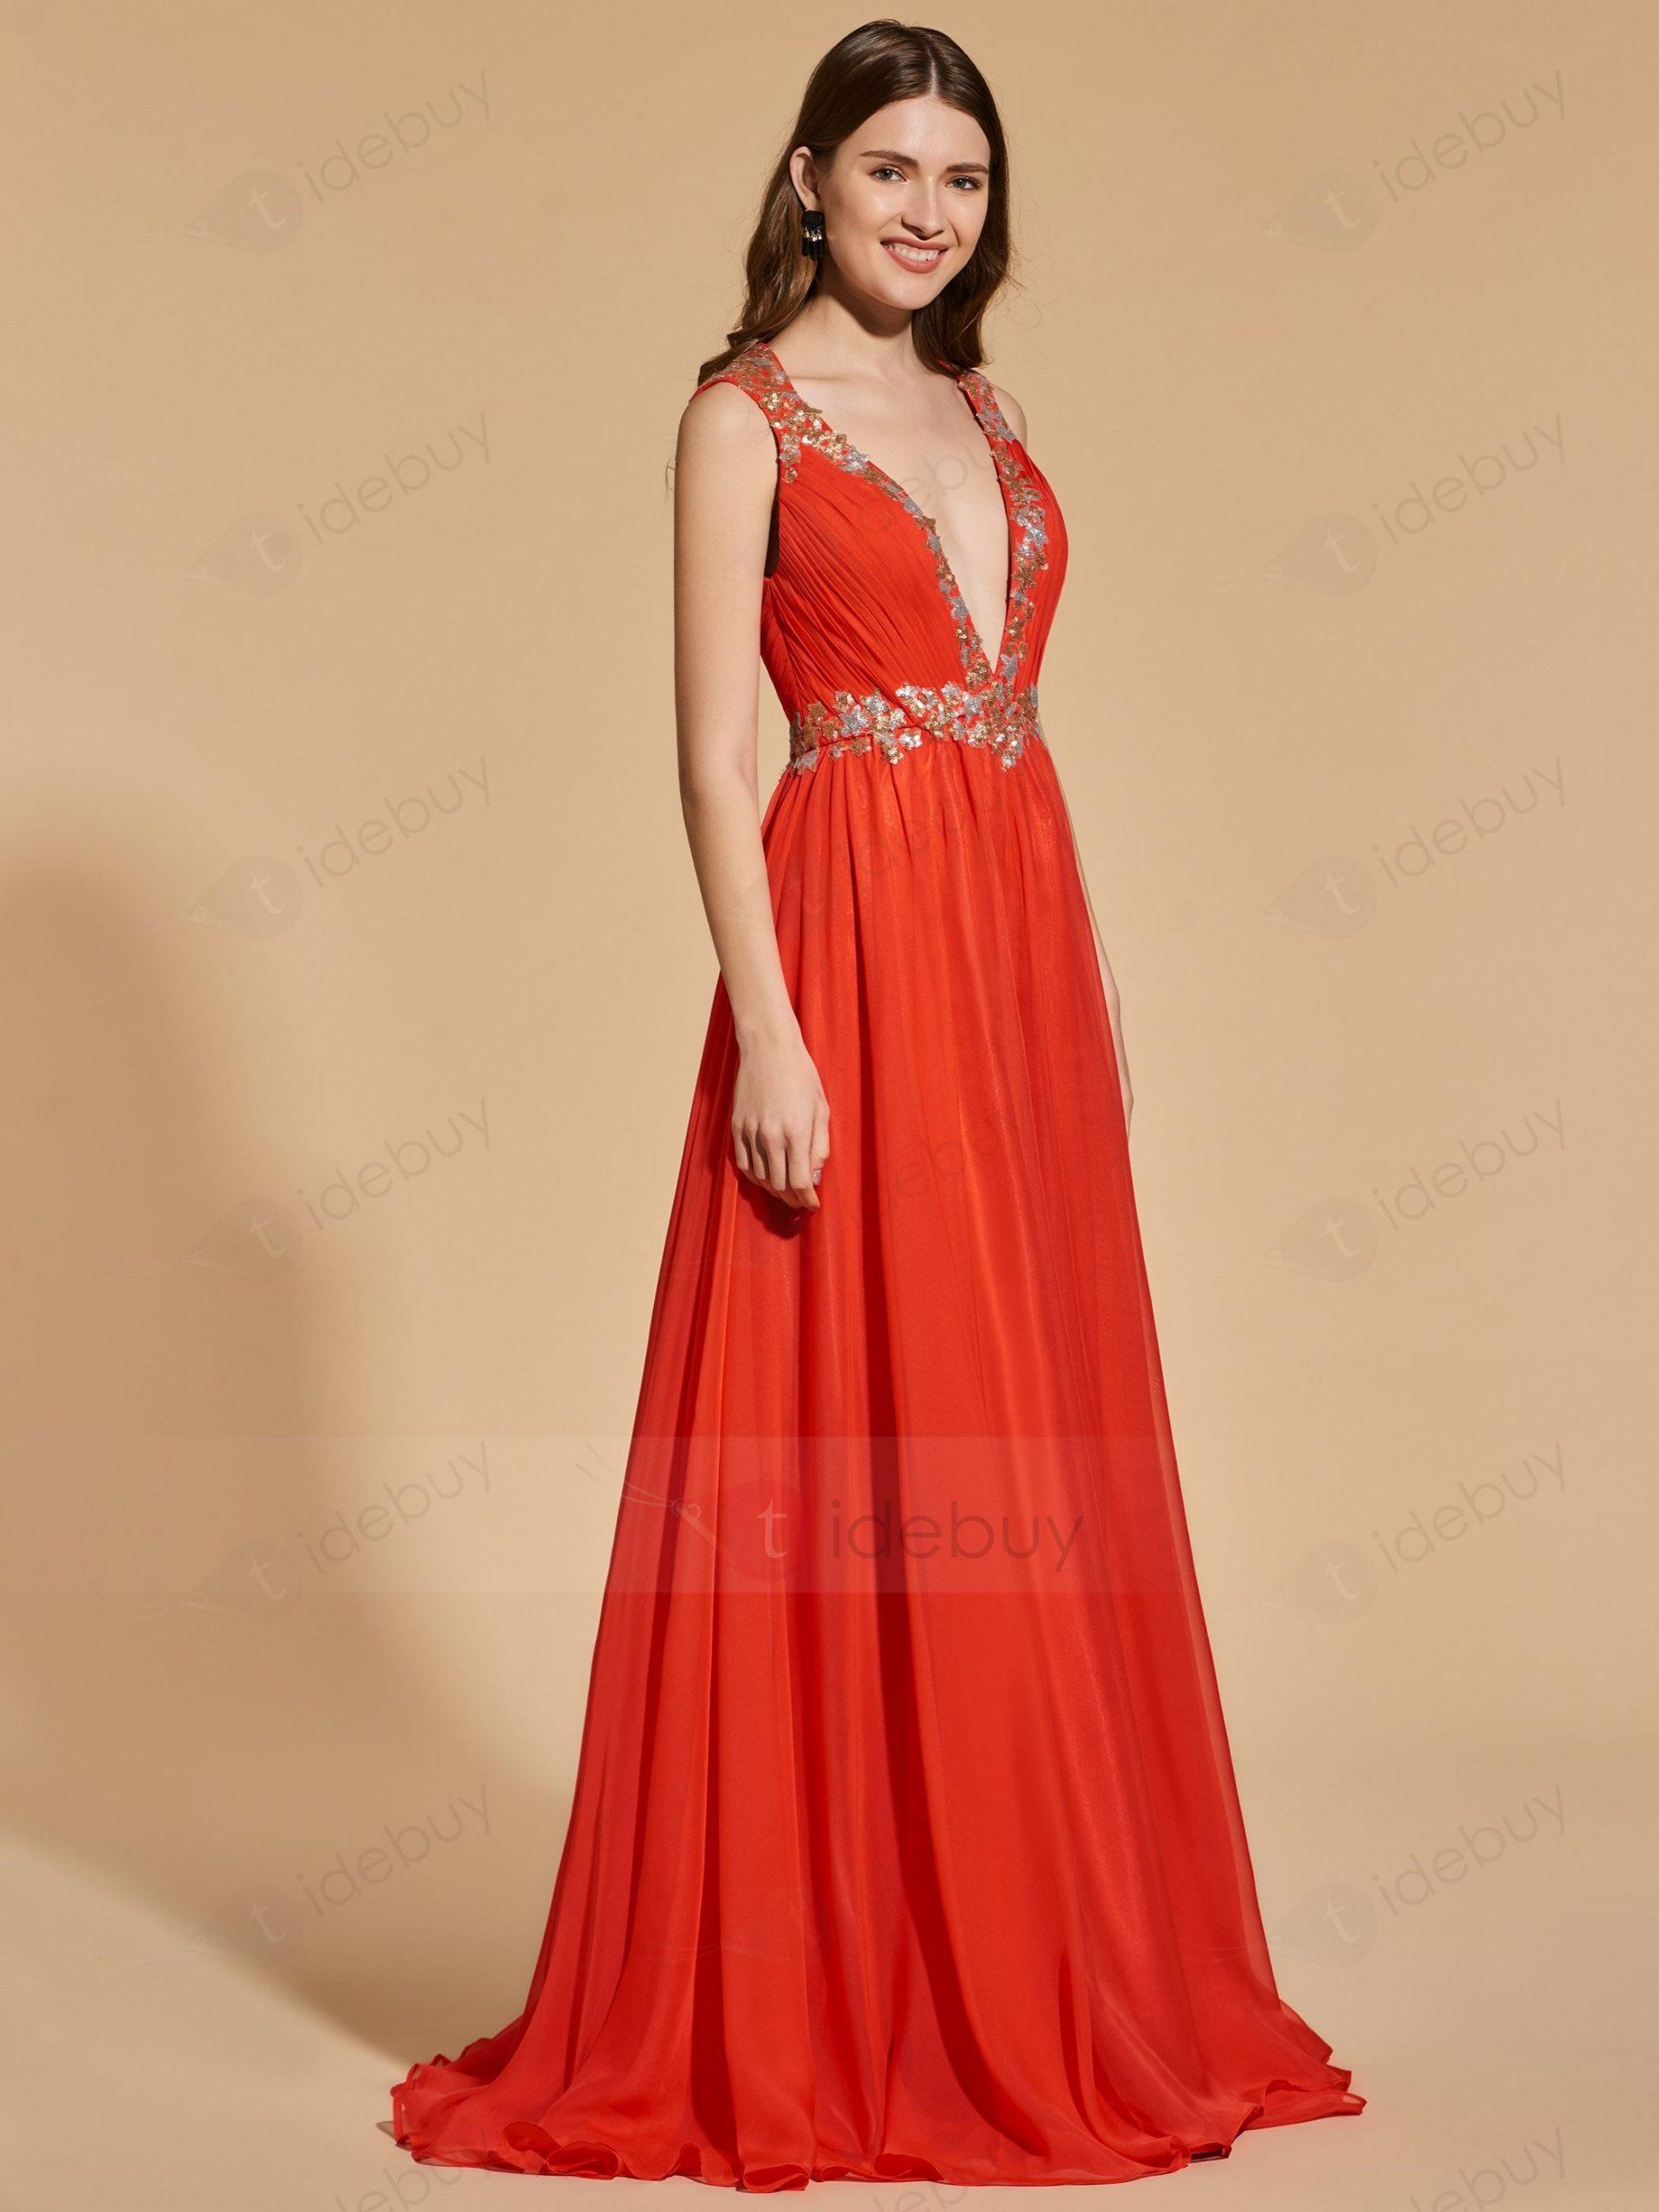 Abend Einfach Abendkleid Tiefer Ausschnitt Bester PreisAbend Coolste Abendkleid Tiefer Ausschnitt Boutique